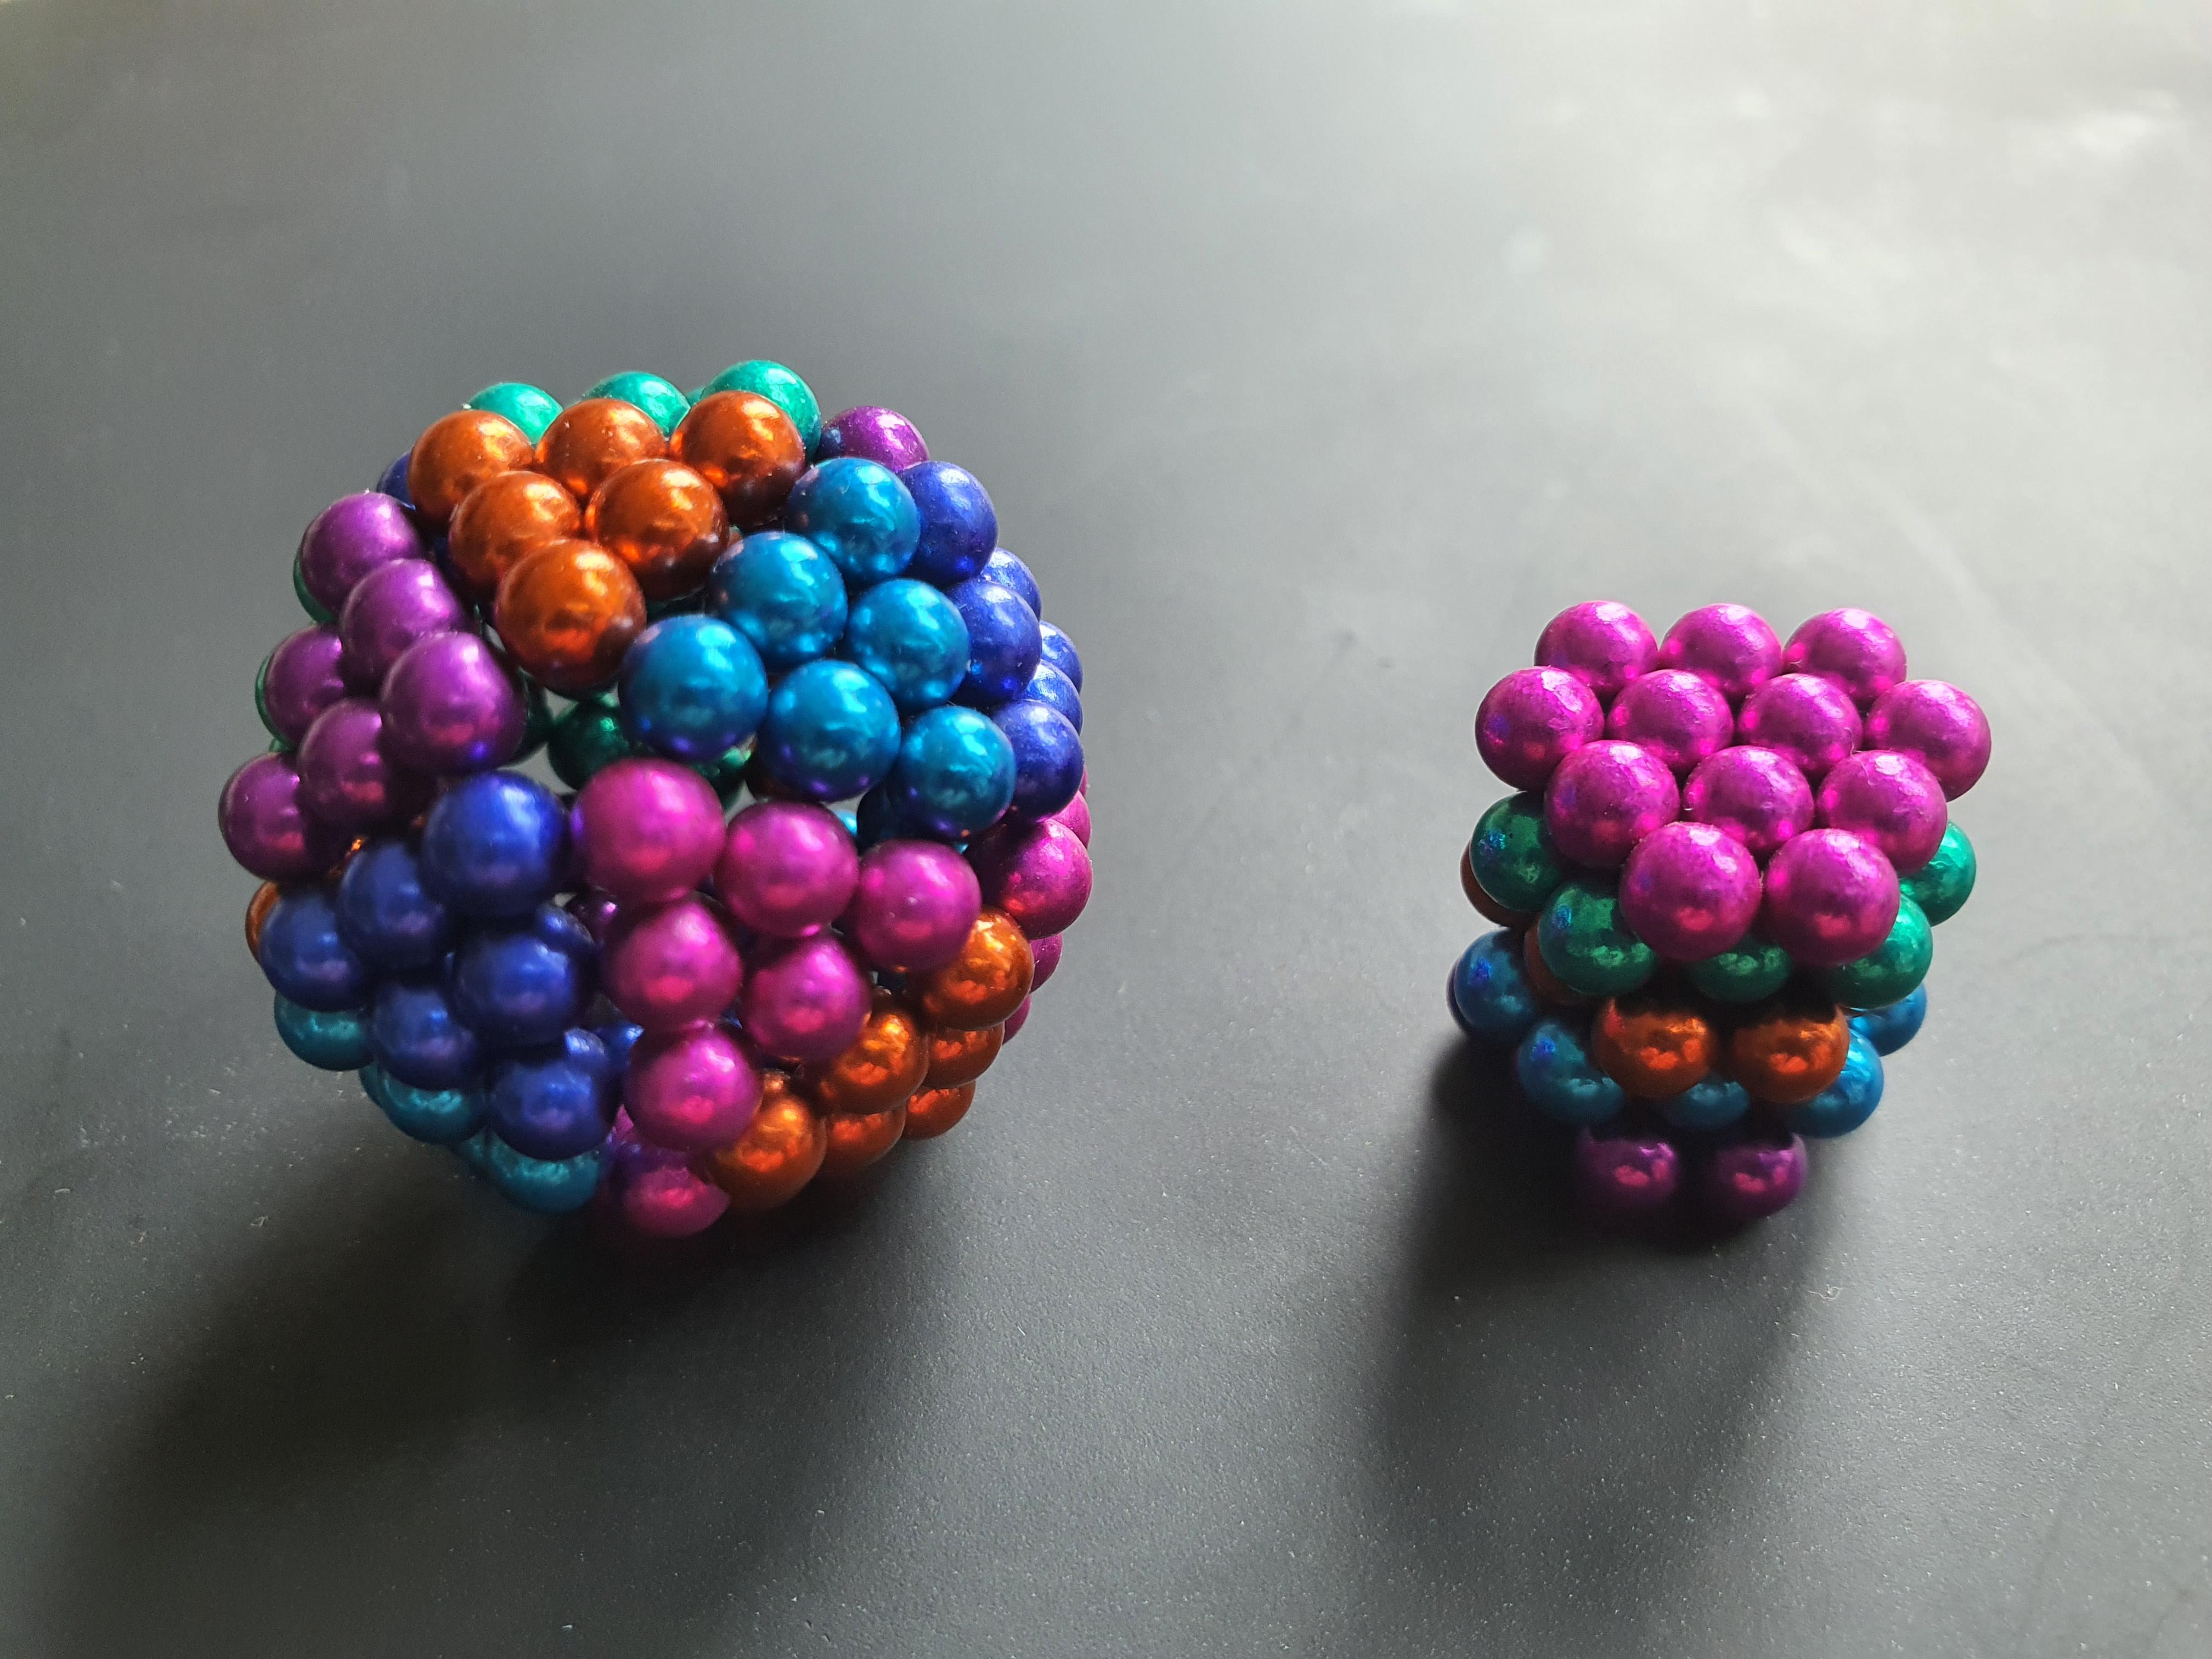 Neodymium Magnet Toys Wikipedia